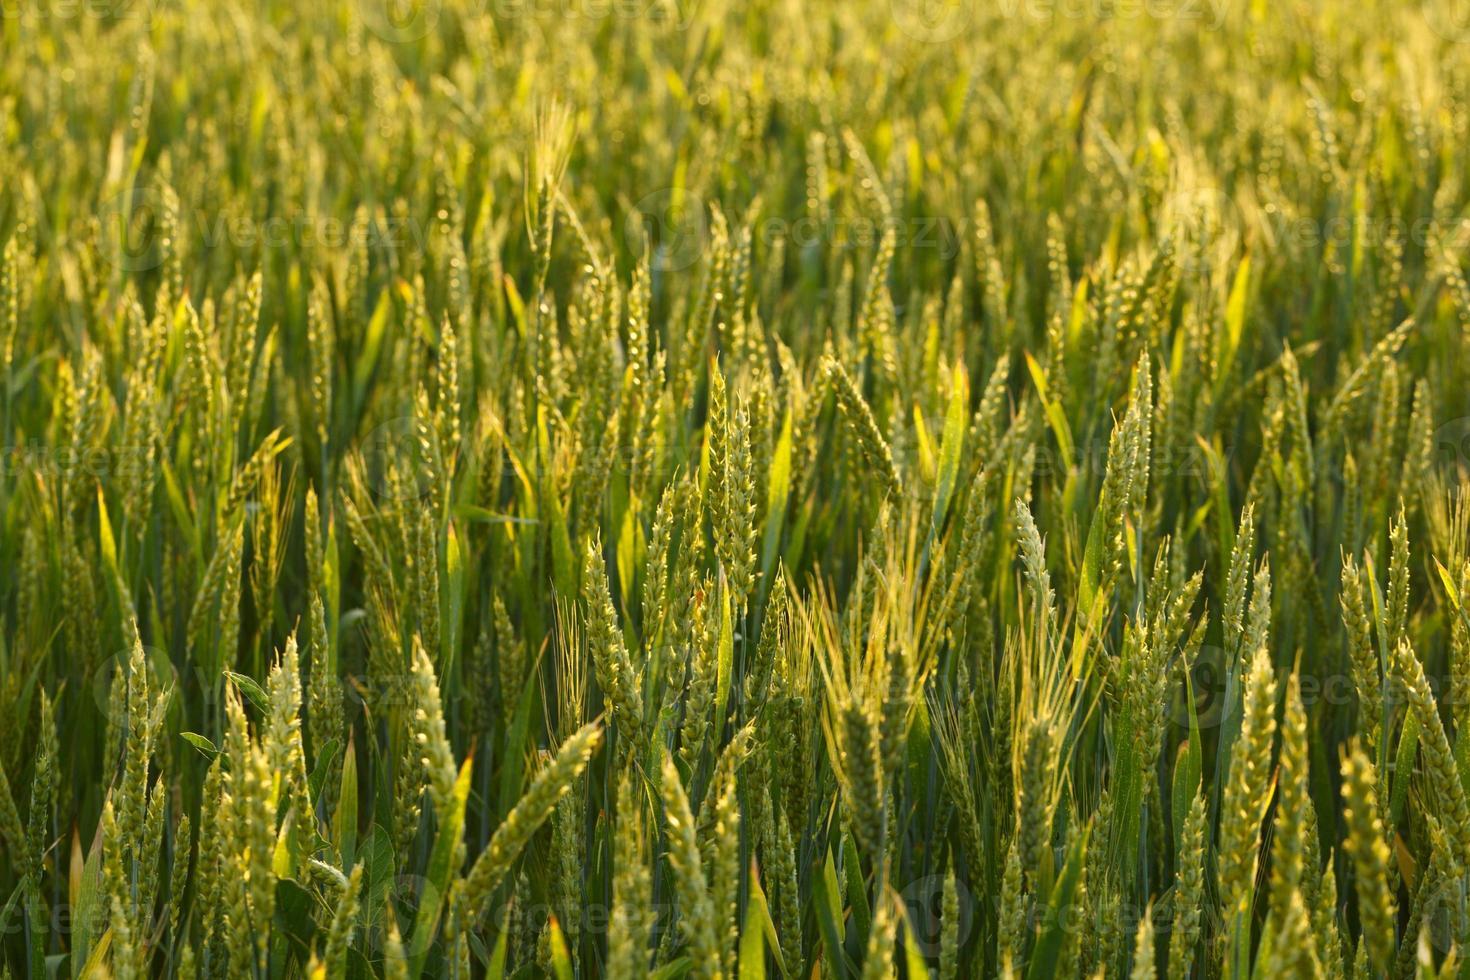 champ de blé photo